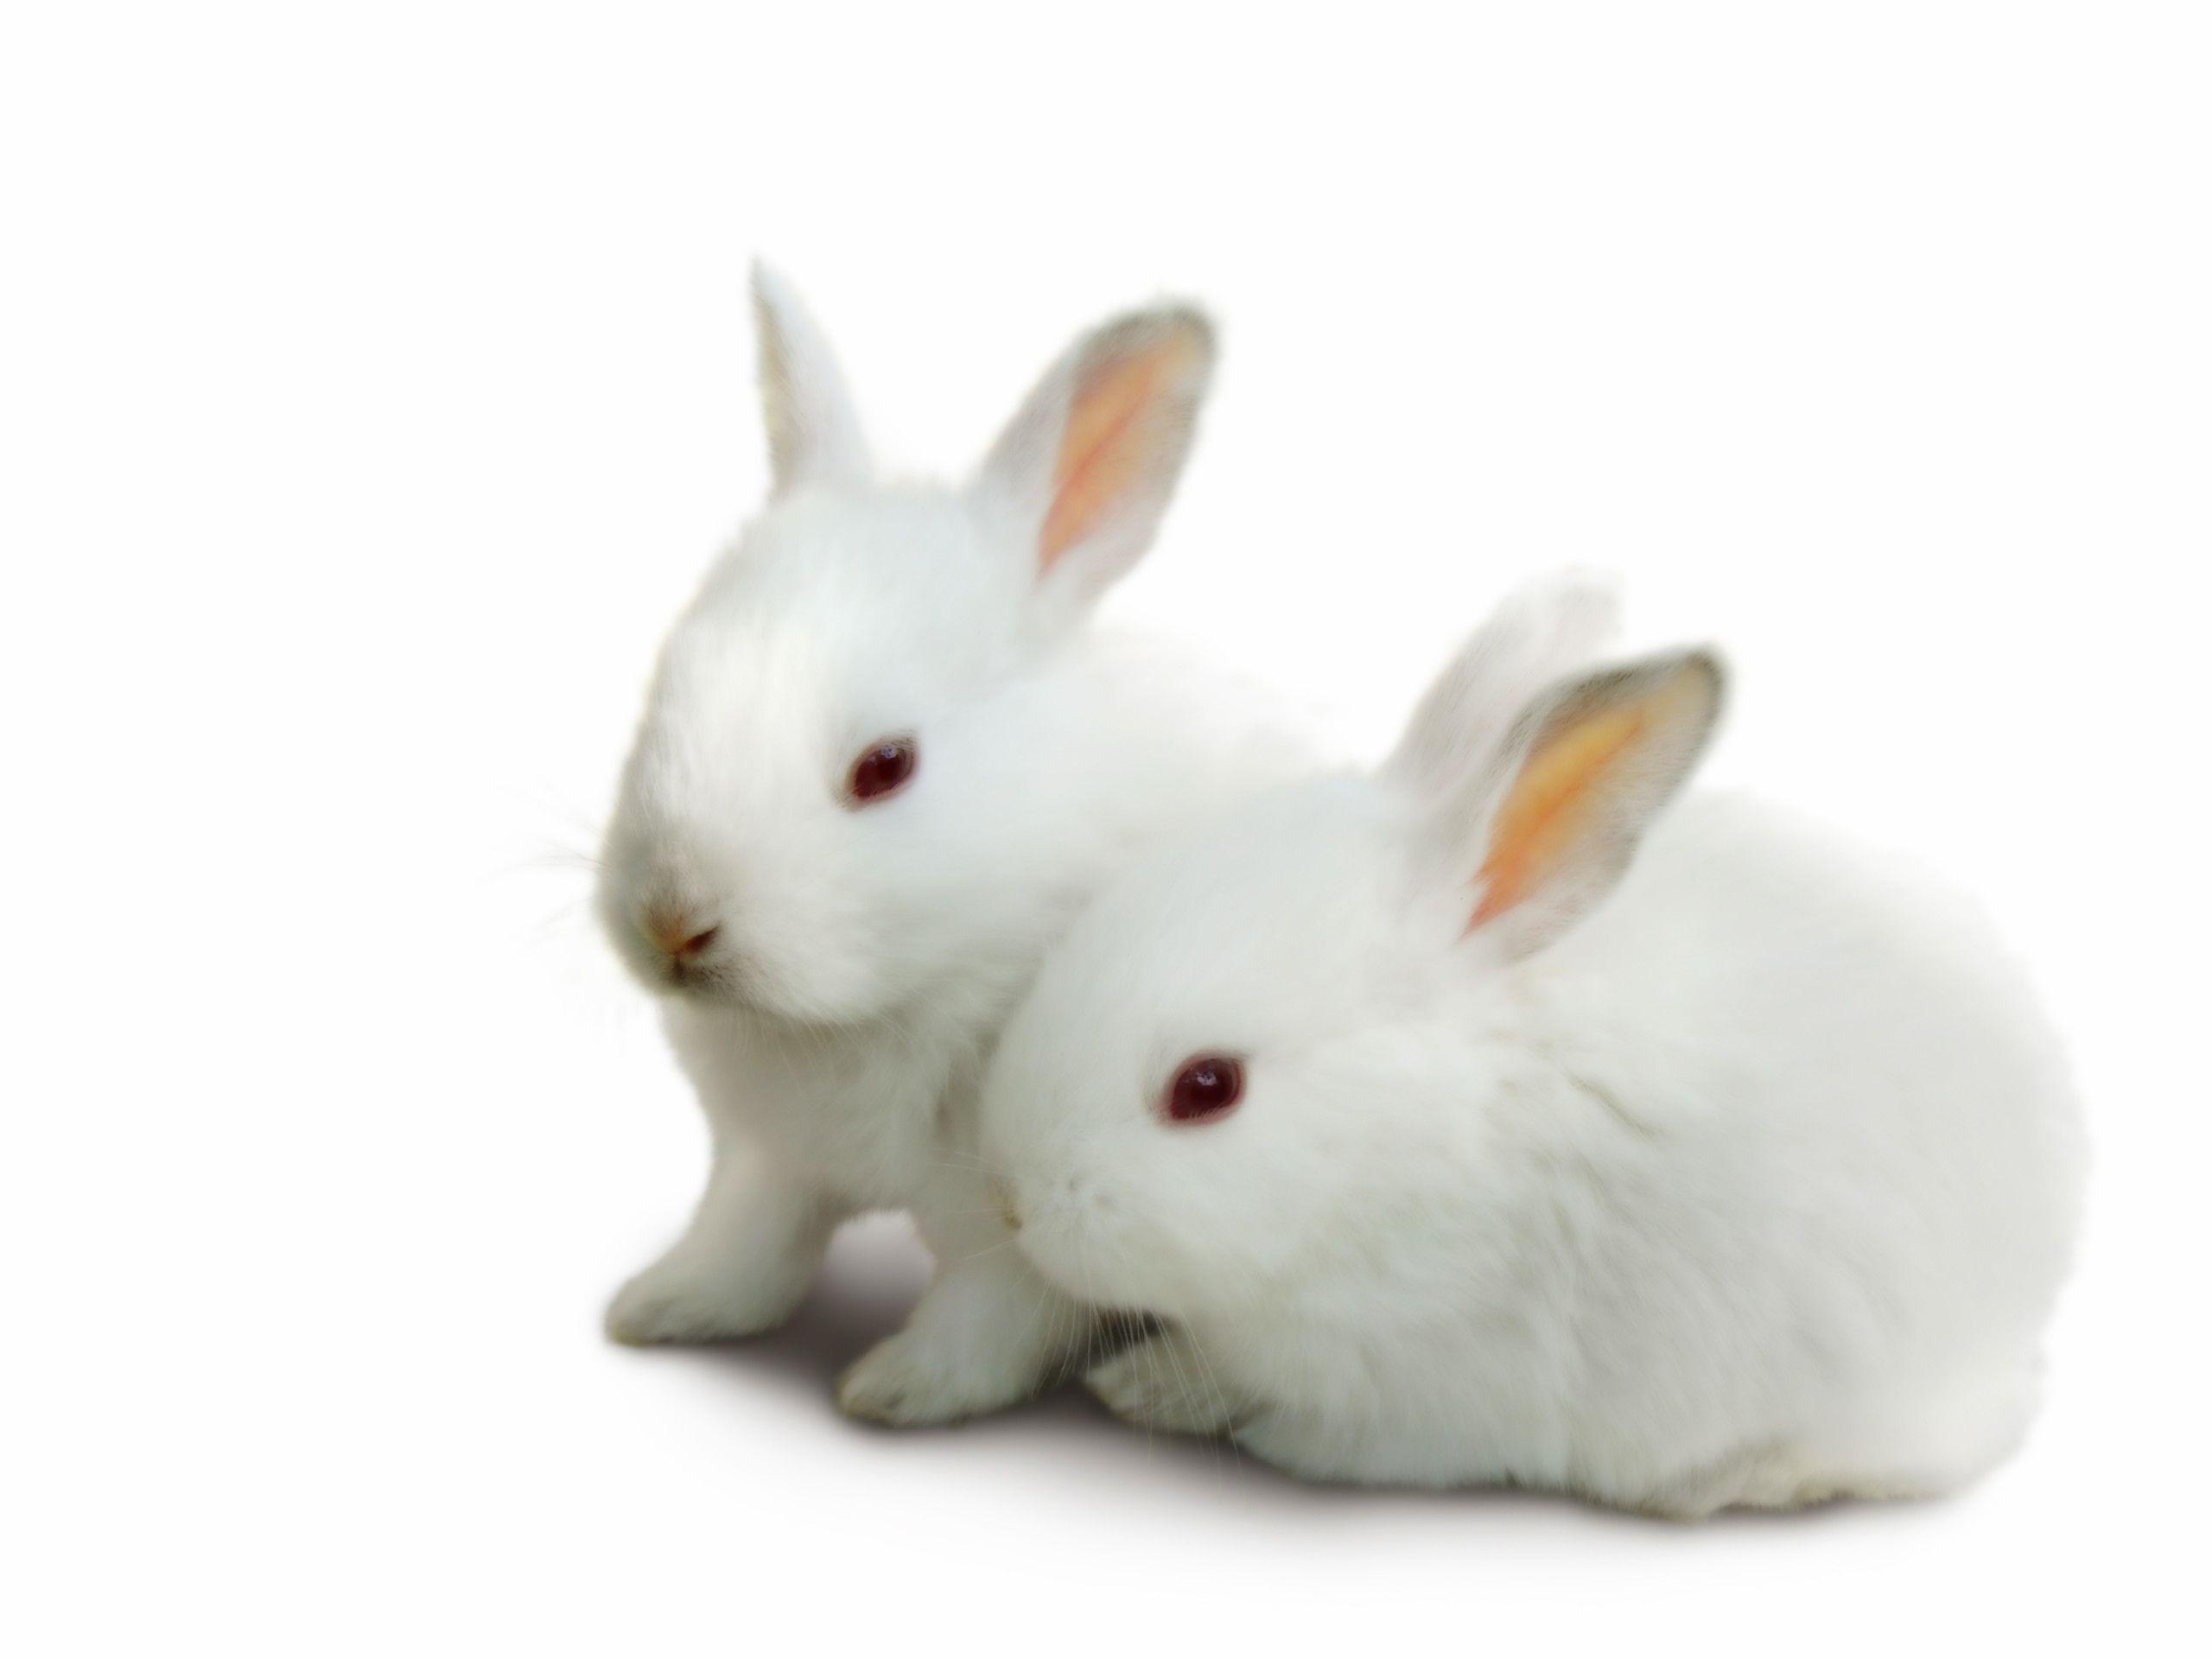 Cute Cartoon Bunny Wallpapers Top Free Cute Cartoon Bunny